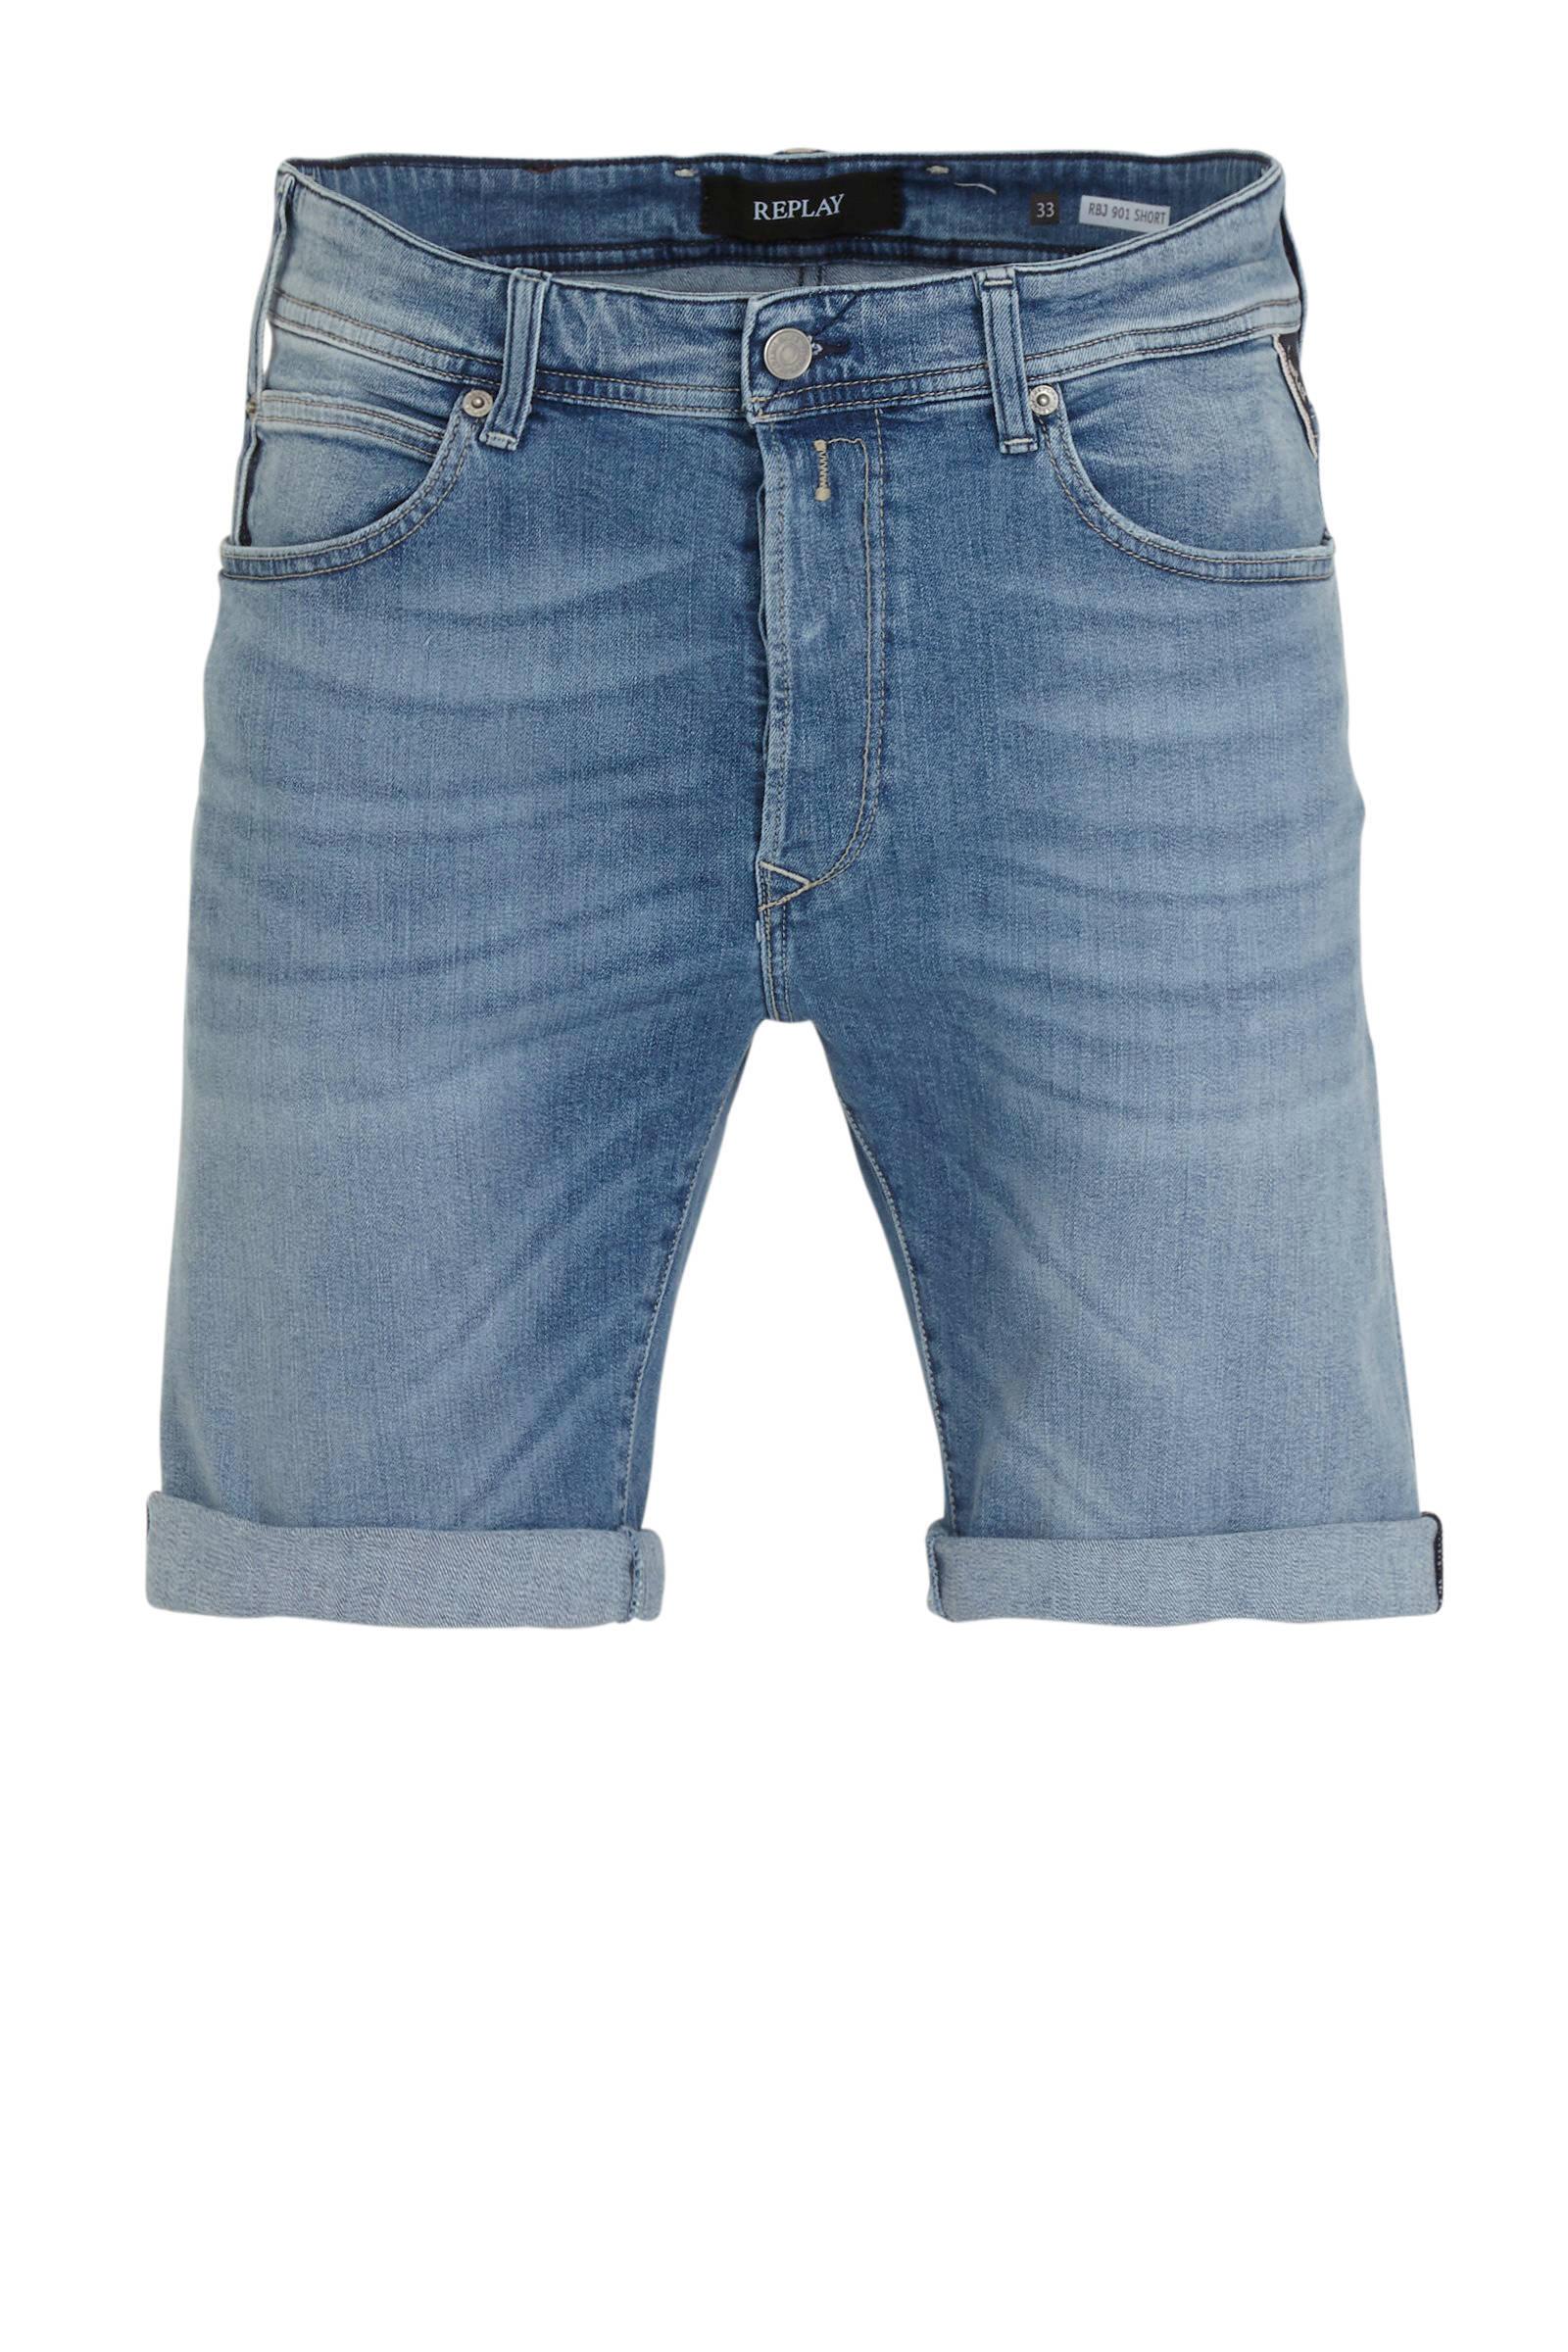 Heren jeans shorts bij wehkamp Gratis bezorging vanaf 20.